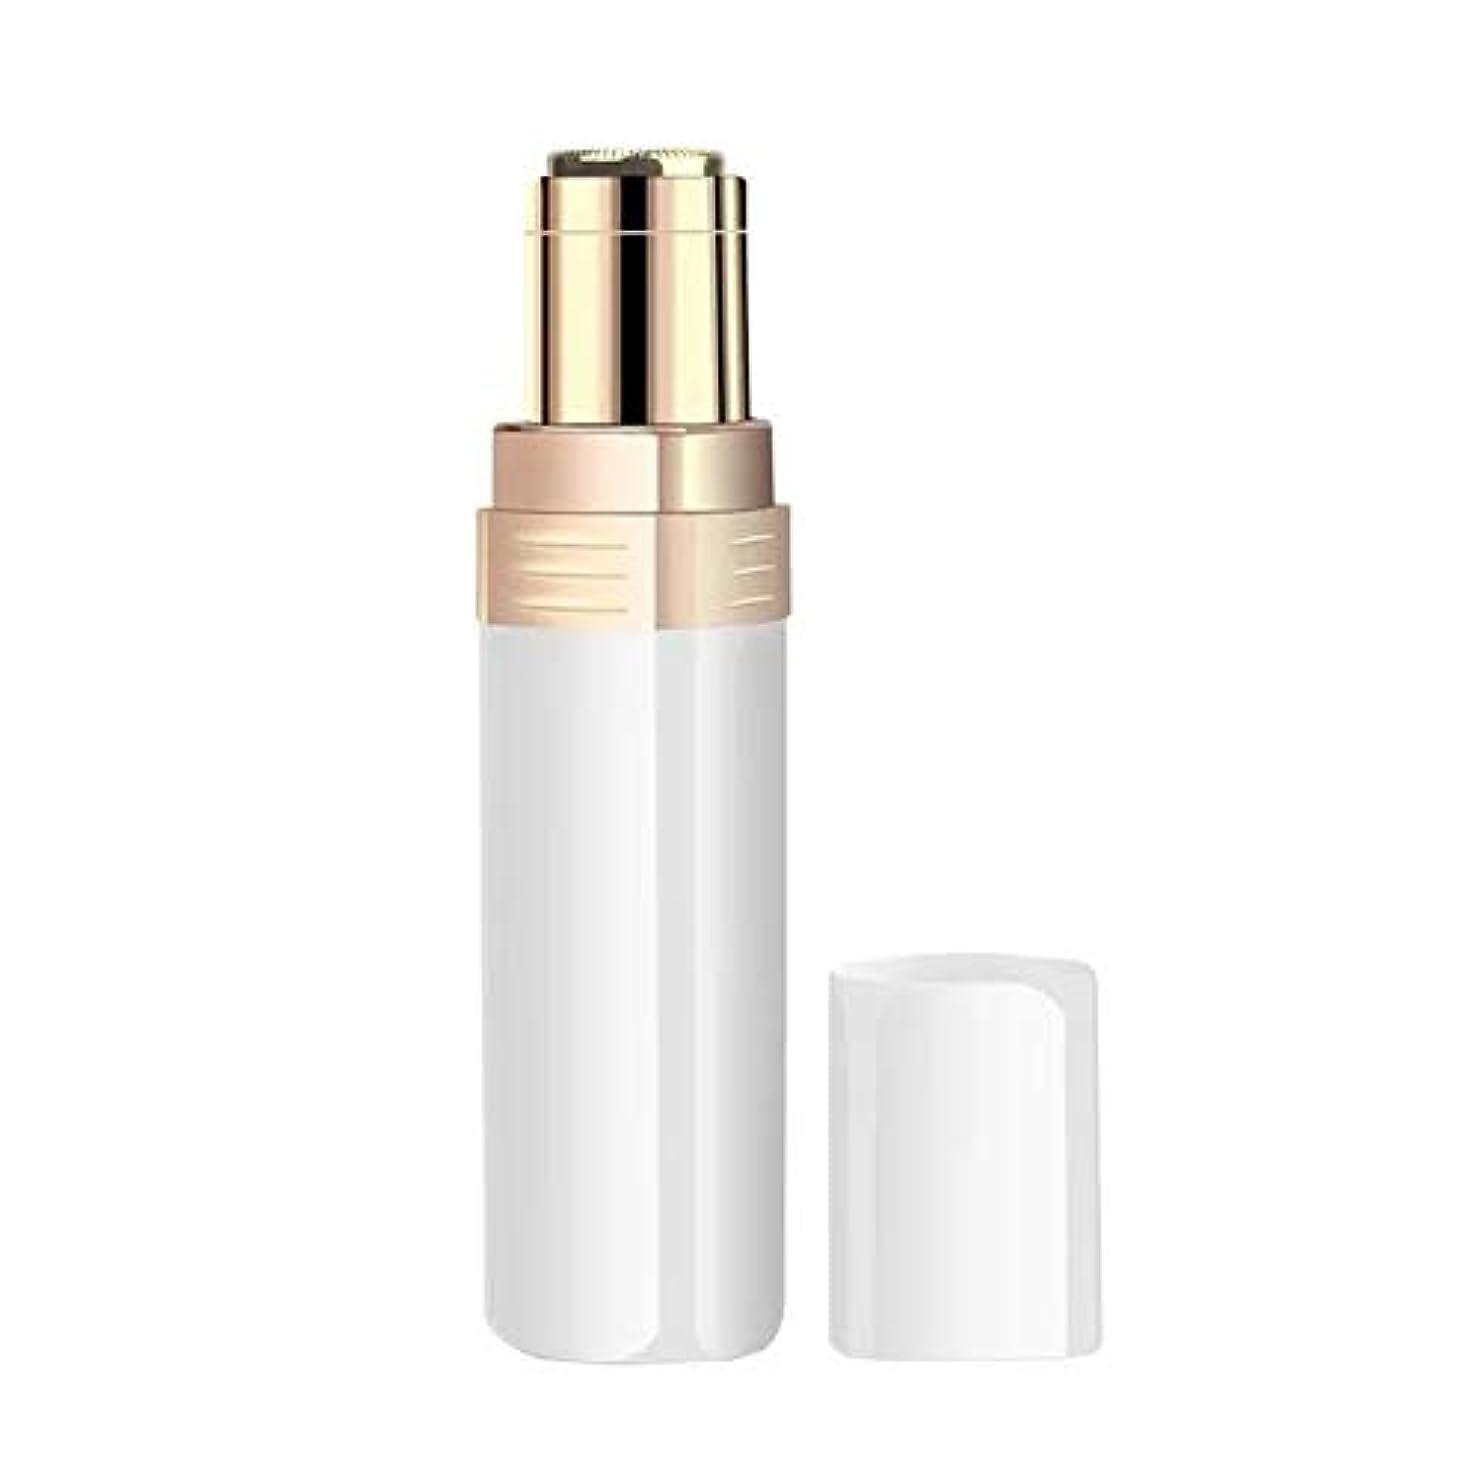 十分副詞選出する脱毛器、電気脱毛器、眉毛のための携帯用毛の除去剤の女性眉毛のトリマー,白